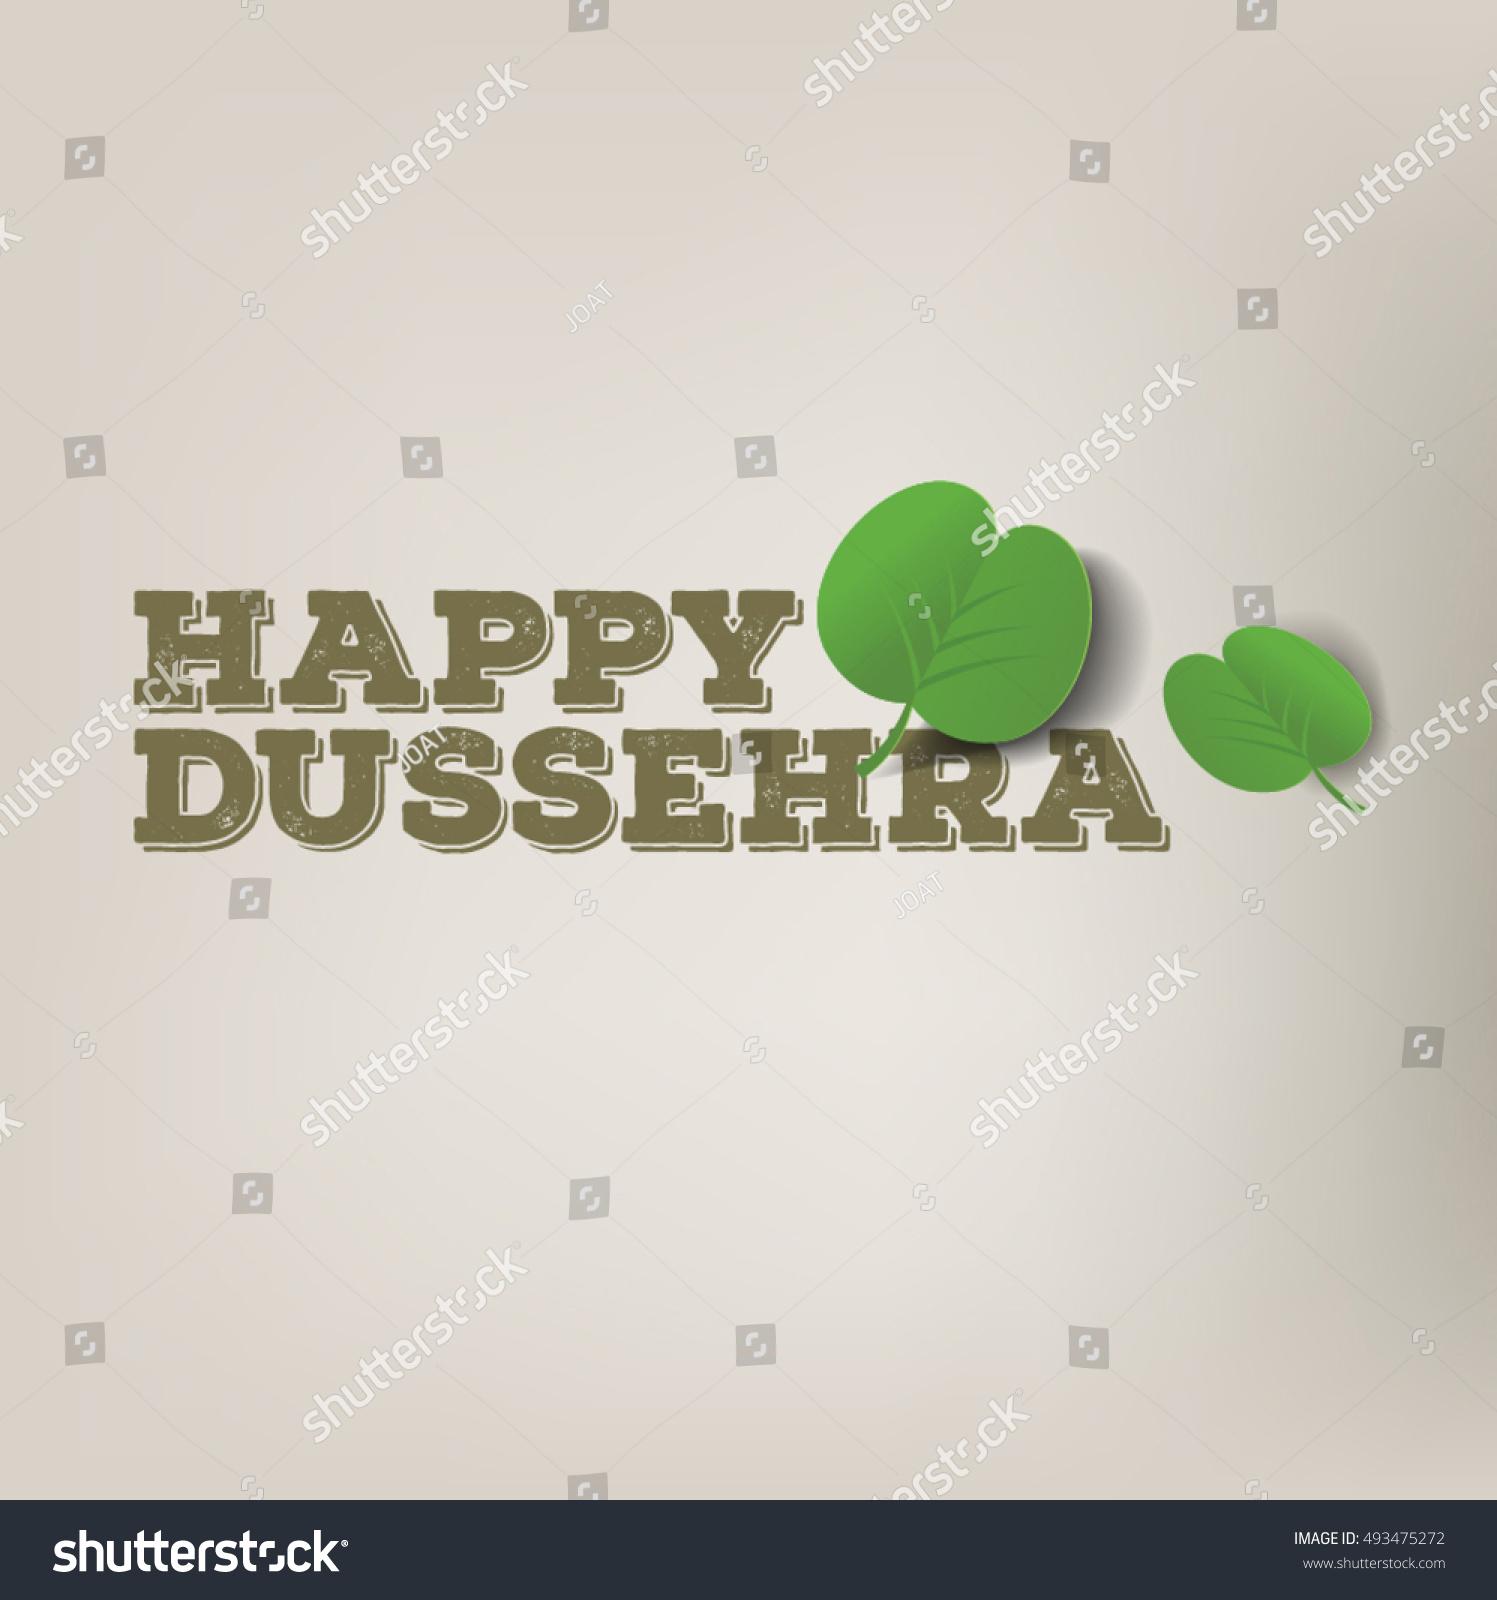 Happy Dussehra Message English Graphic Apta Stock Vector Royalty